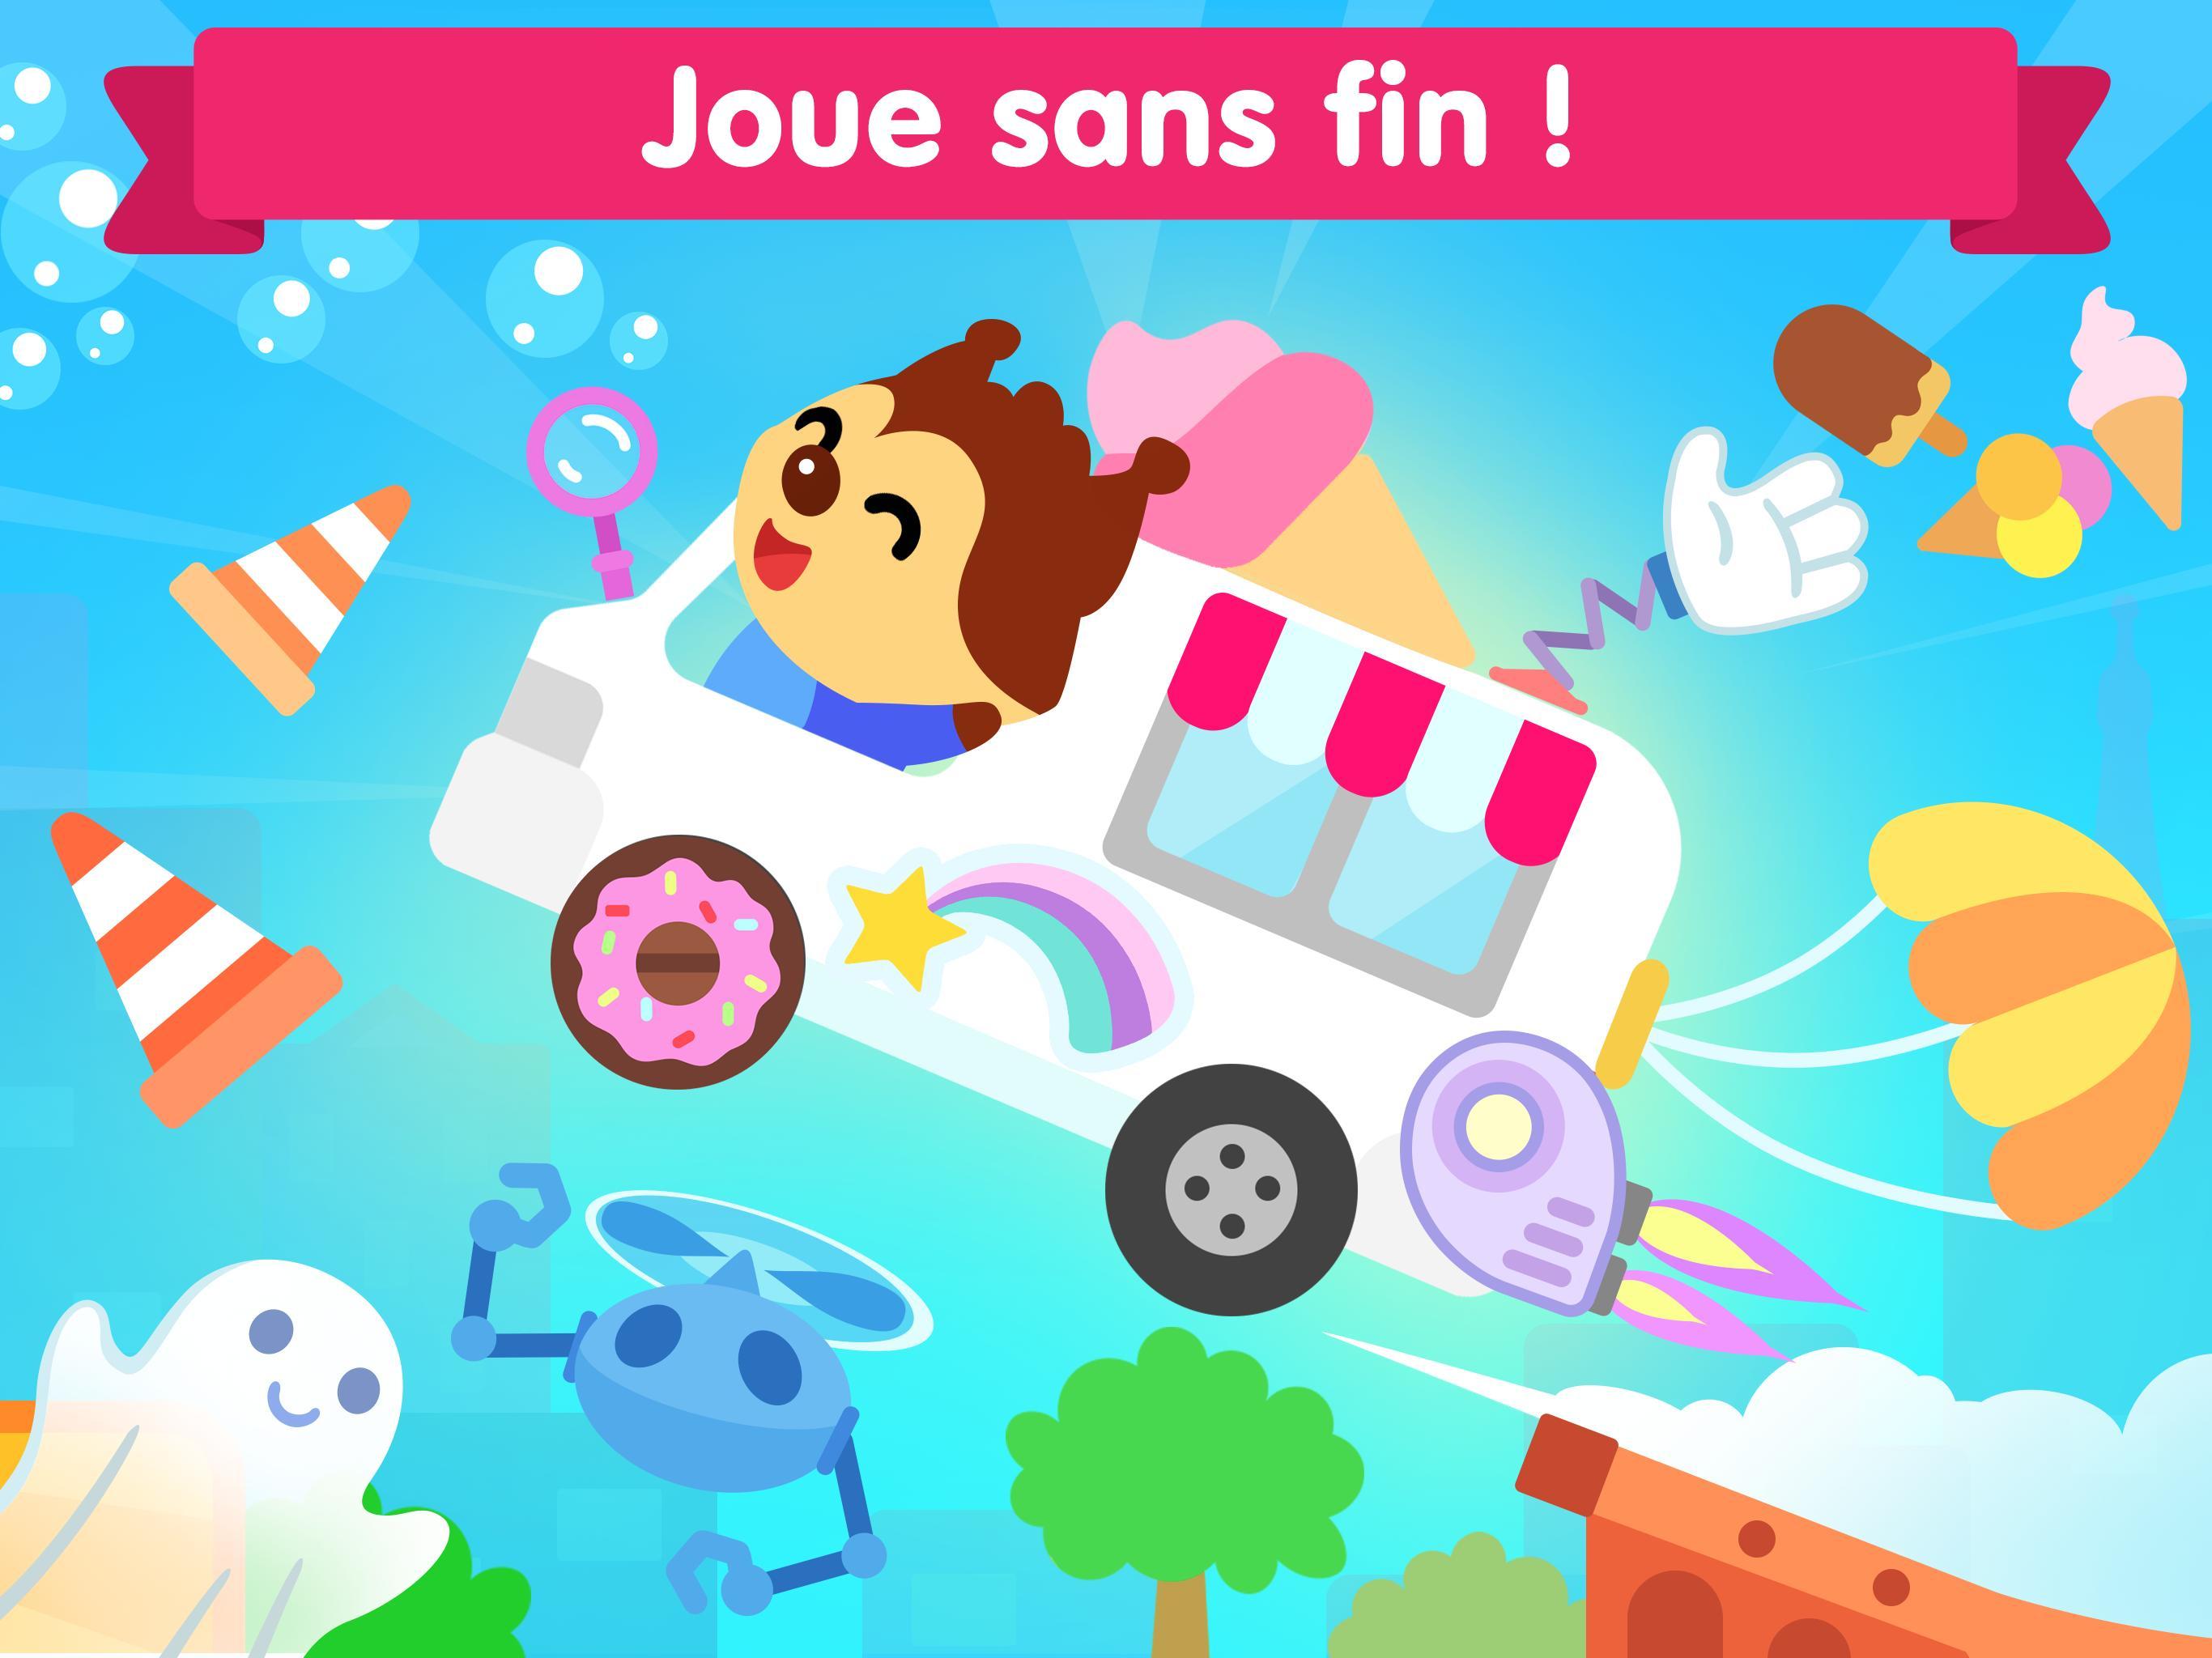 Jeu De Voiture Pour Les Bébés Et Enfants 3 Ans Pour Android pour Jeux Gratuits Pour Enfants De 3 Ans